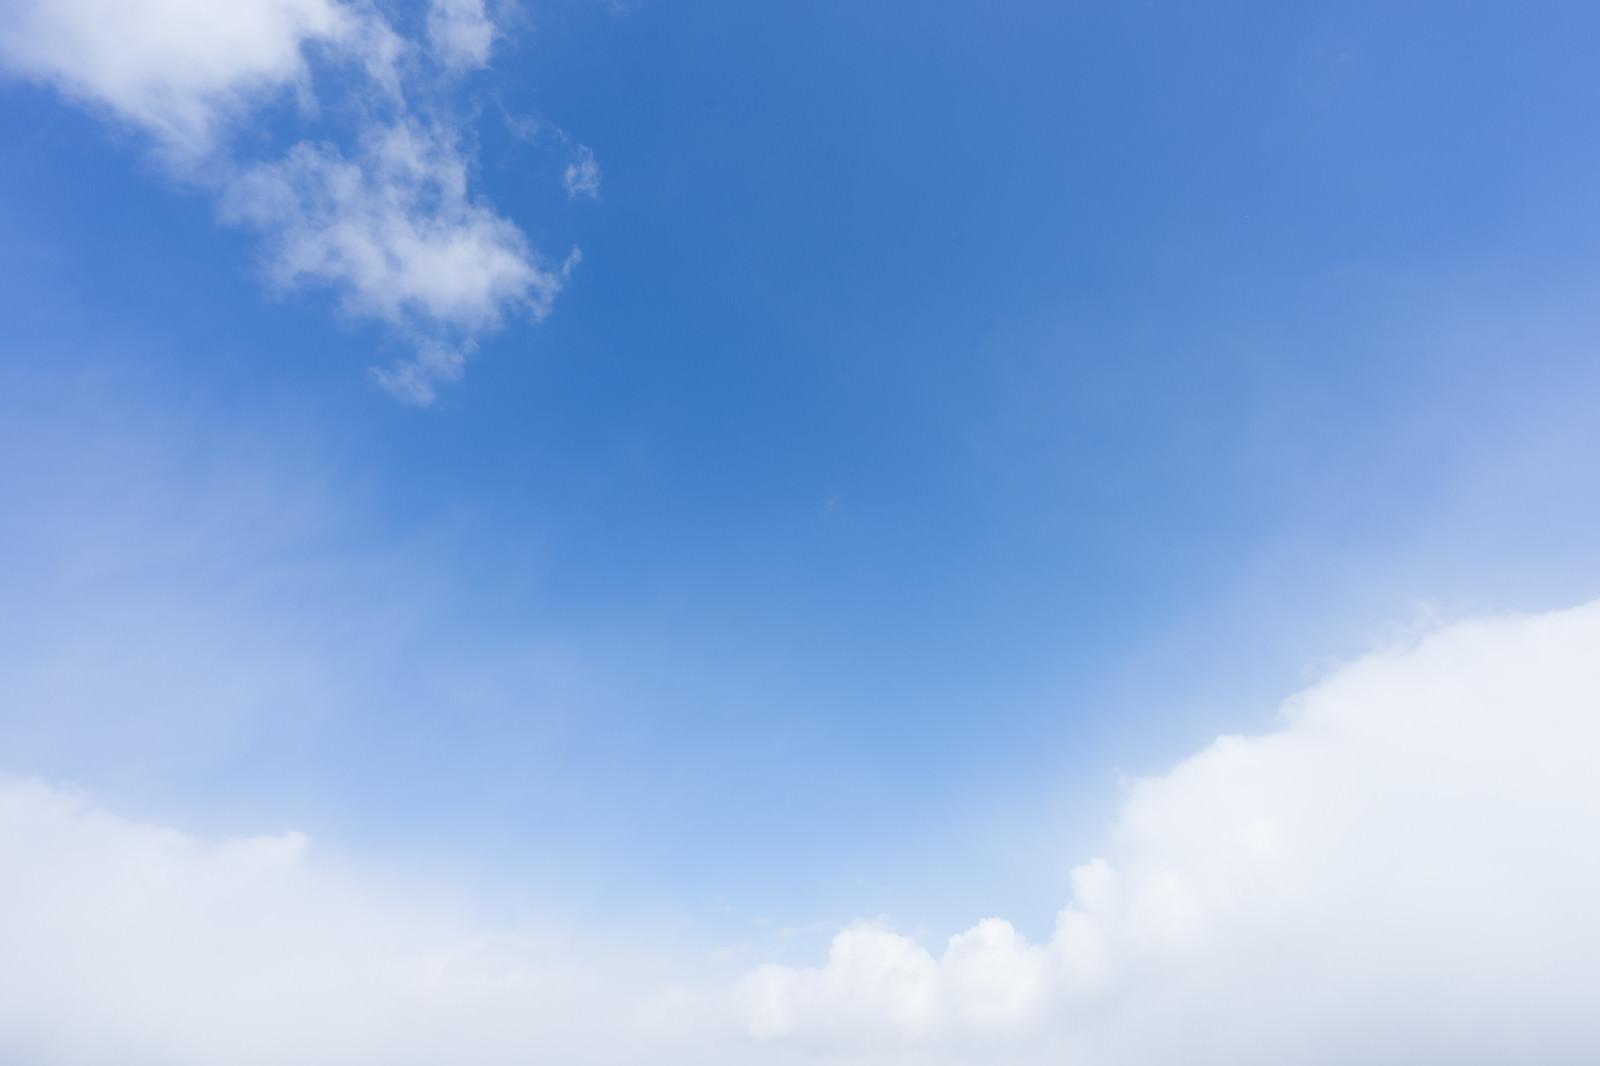 「青空と雲がふわふわ青空と雲がふわふわ」のフリー写真素材を拡大